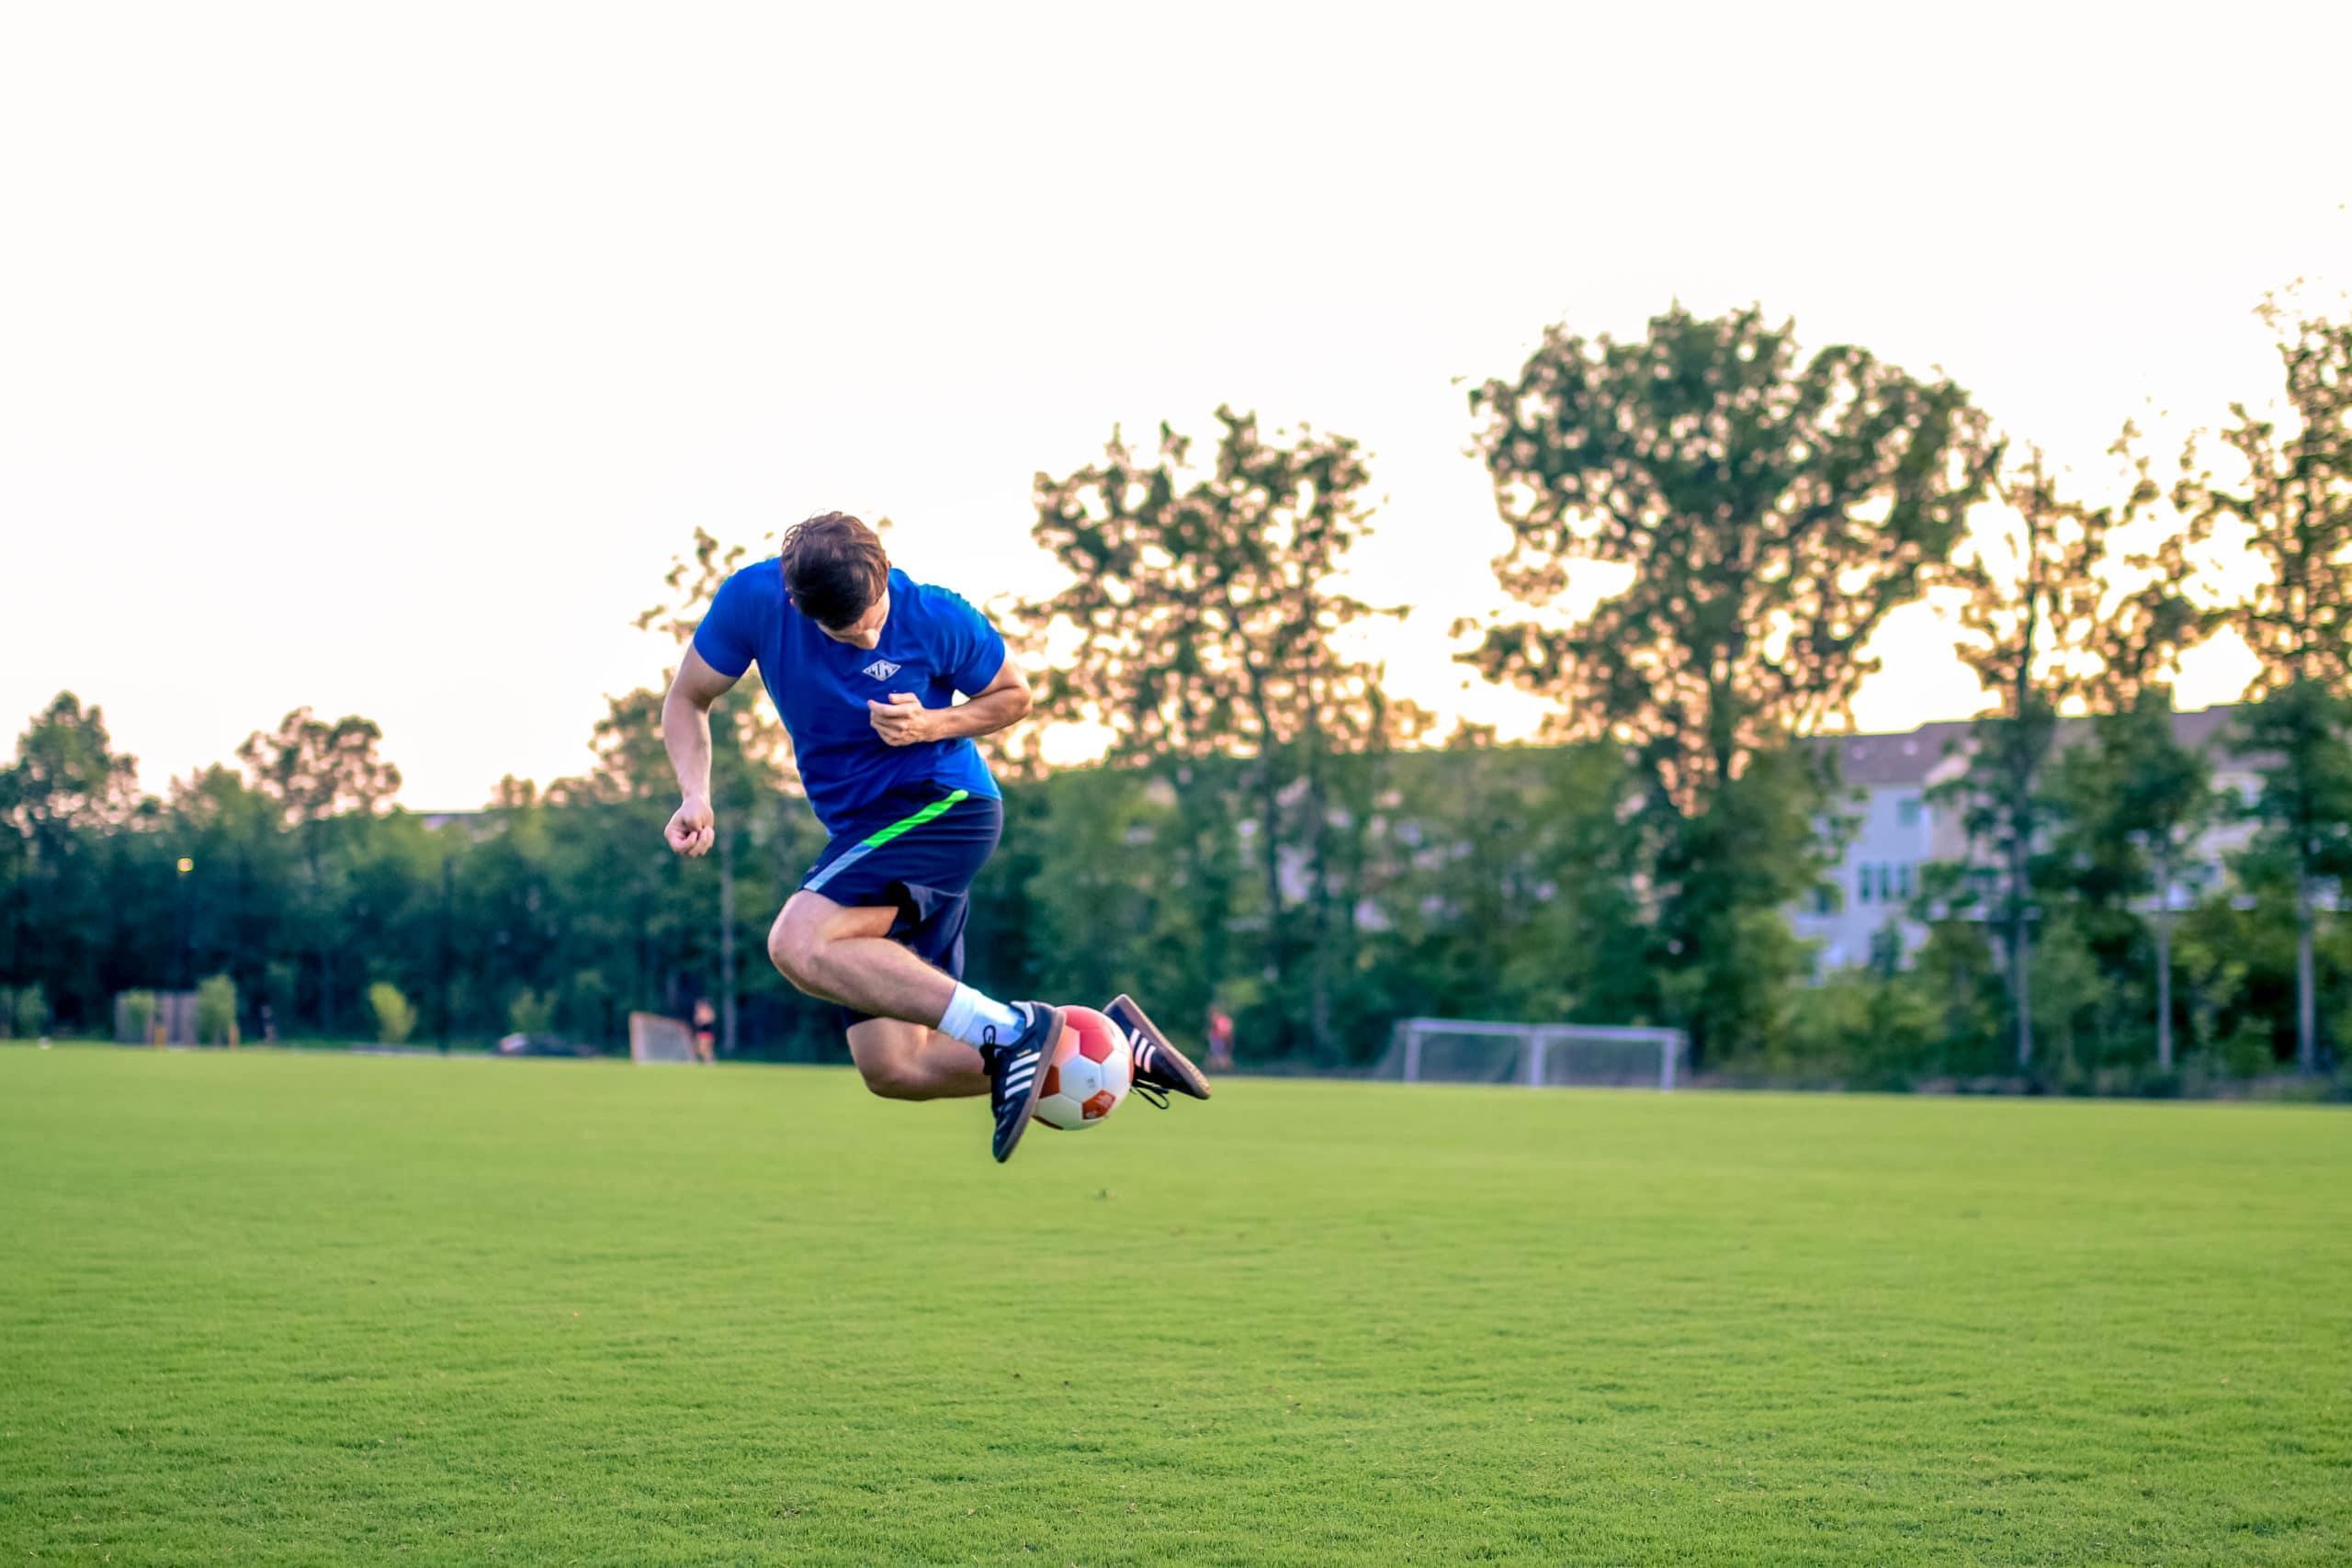 Od juniora do Ronaldo – jak zostać profesjonalnym piłkarzem? 1